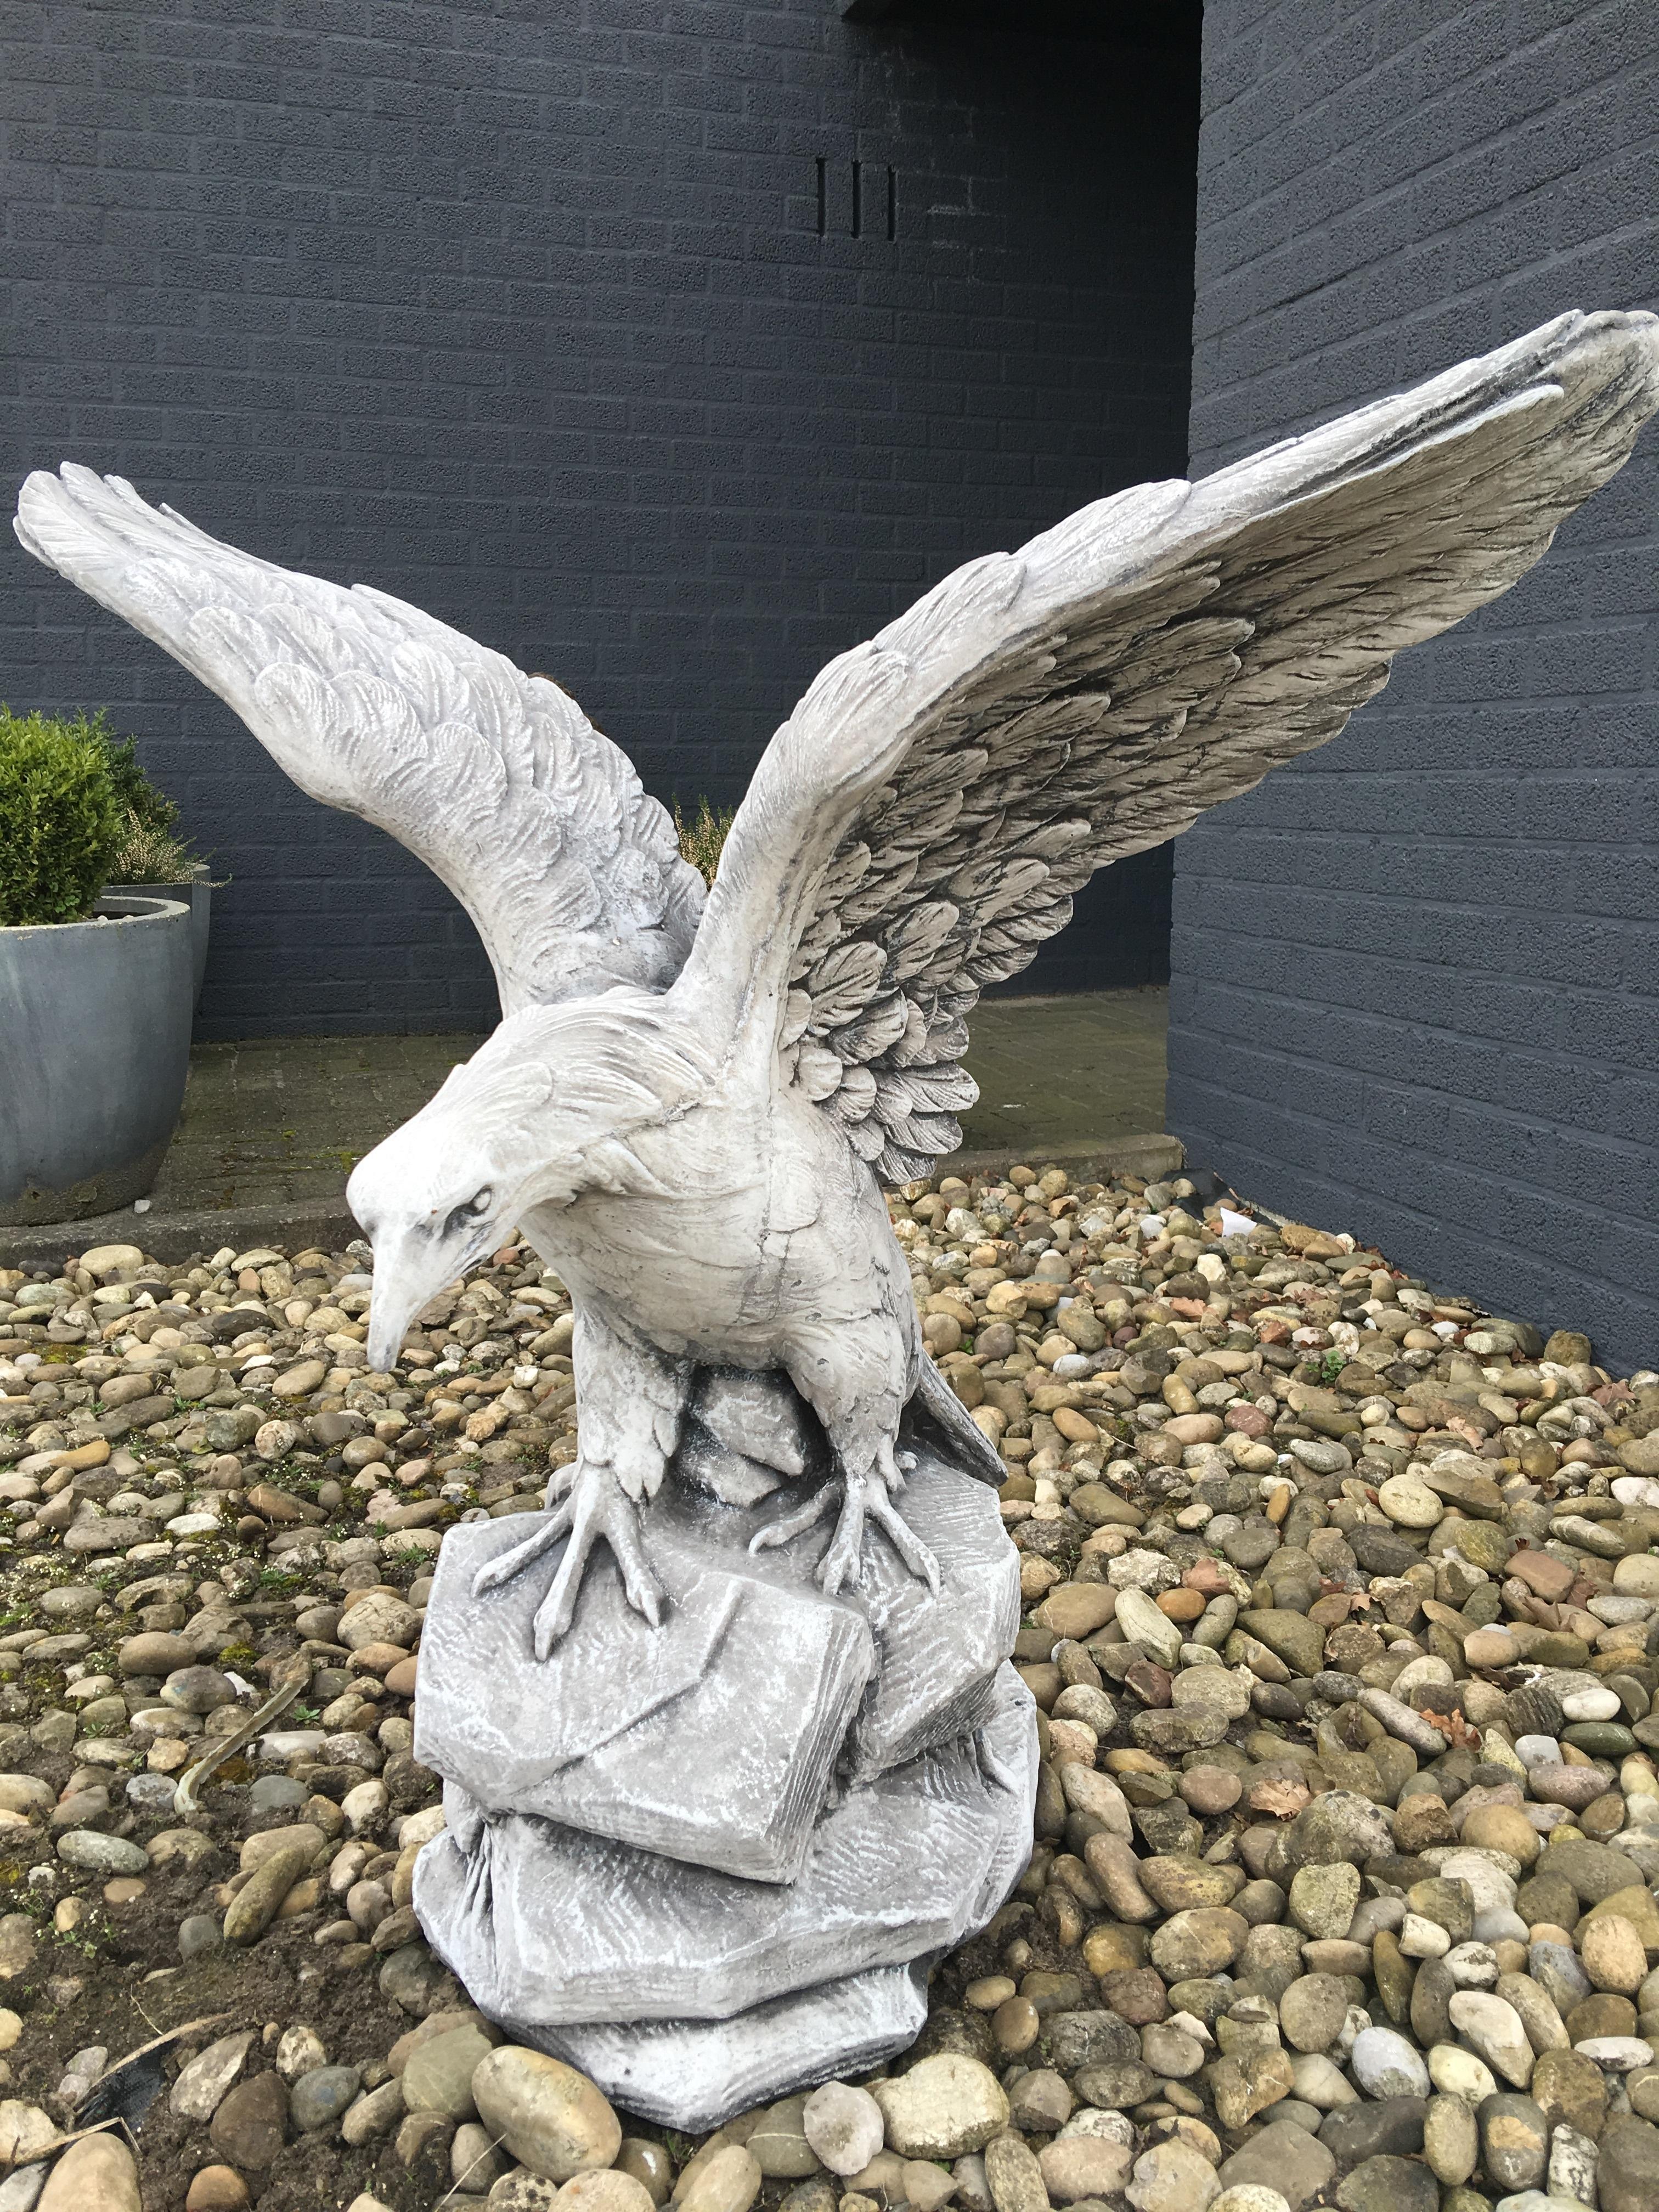 Beelden Dieren Steen.Adelaar Sculptuur Tuinbeeld Gegoten Beton Steen Dieren Tuin